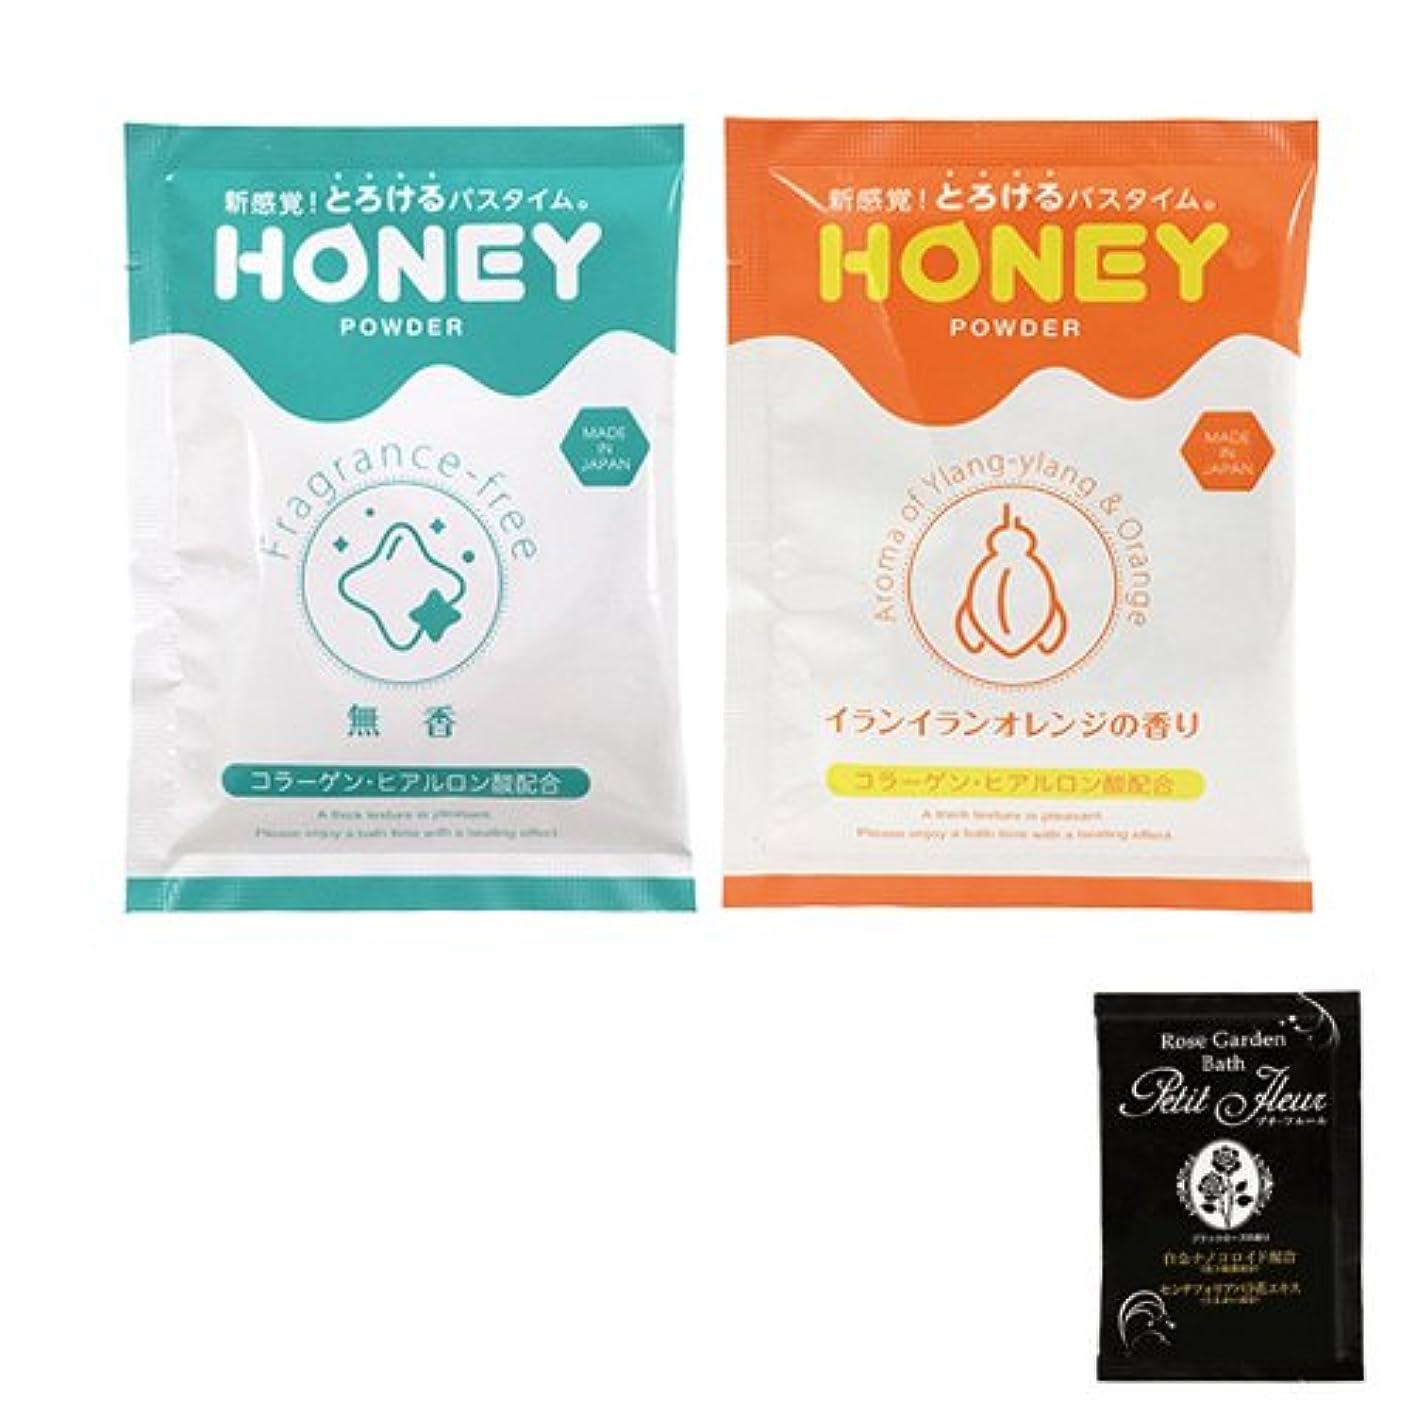 ジャンプする死気難しいとろとろ入浴剤【honey powder】粉末タイプ イランイランオレンジの香り + 無香 + 入浴剤(プチフルール)1回分